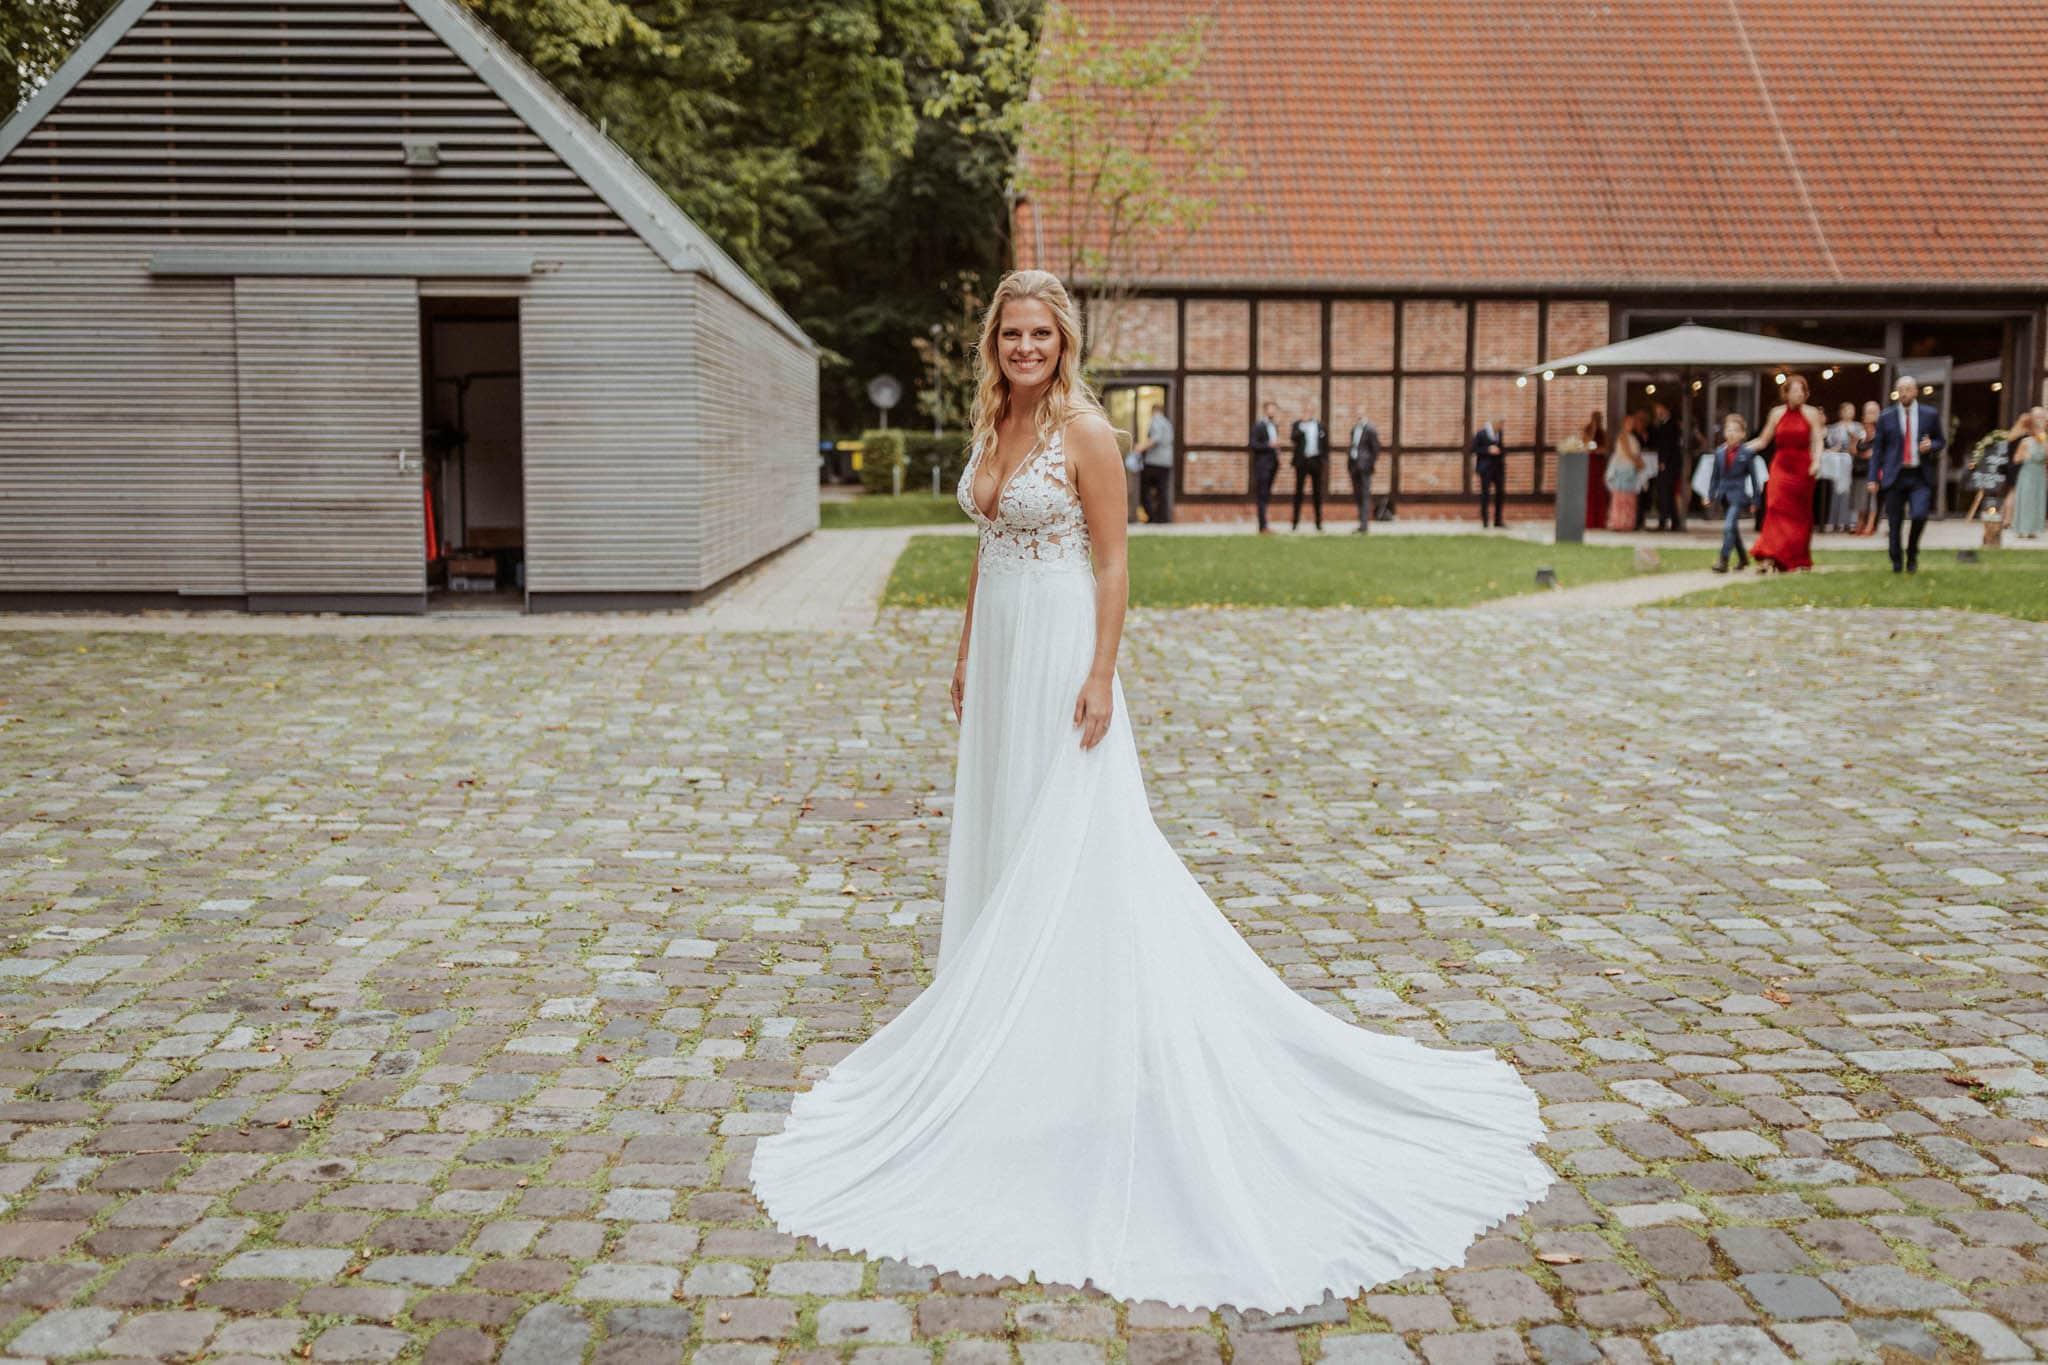 Hochzeitsfieber by Photo-Schomburg, Hochzeitsfotograf, Hamburg, Bremen, Hochzeitstag, Hochzeitspaar, Braut, Bräutigam, Bremen-Kränholm,Knoops Park-188